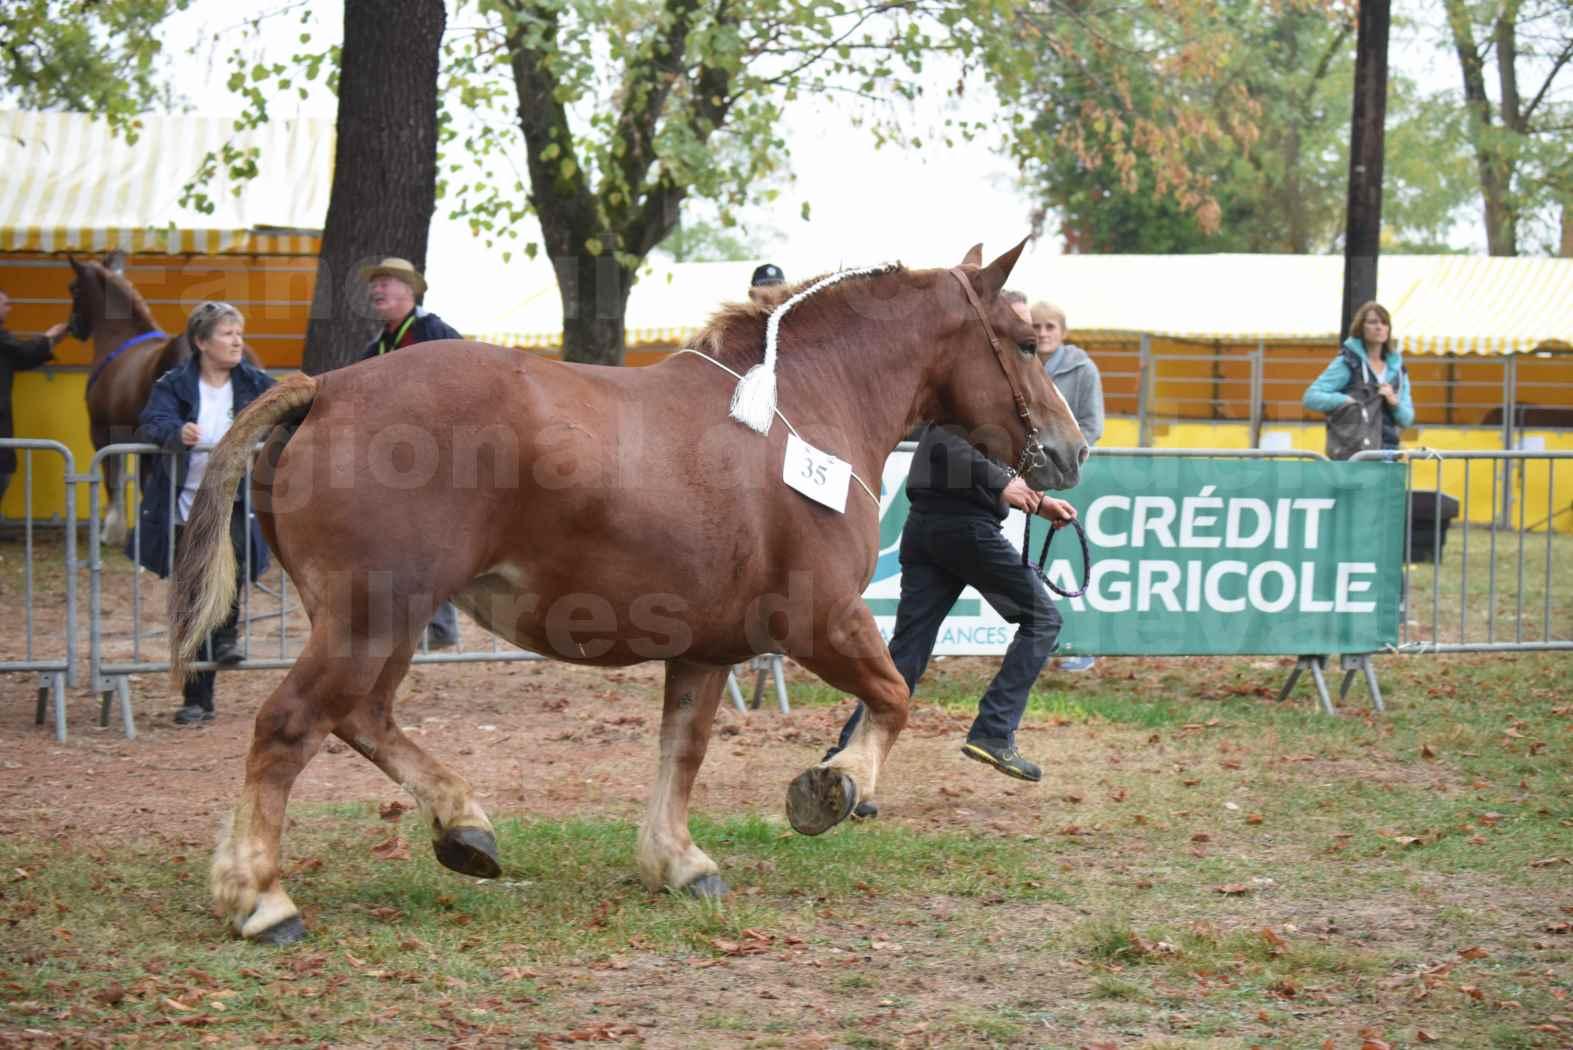 Concours Régional de chevaux de traits en 2017 - Pouliche Trait BRETON - EDEN DE LA GAUGE - 41